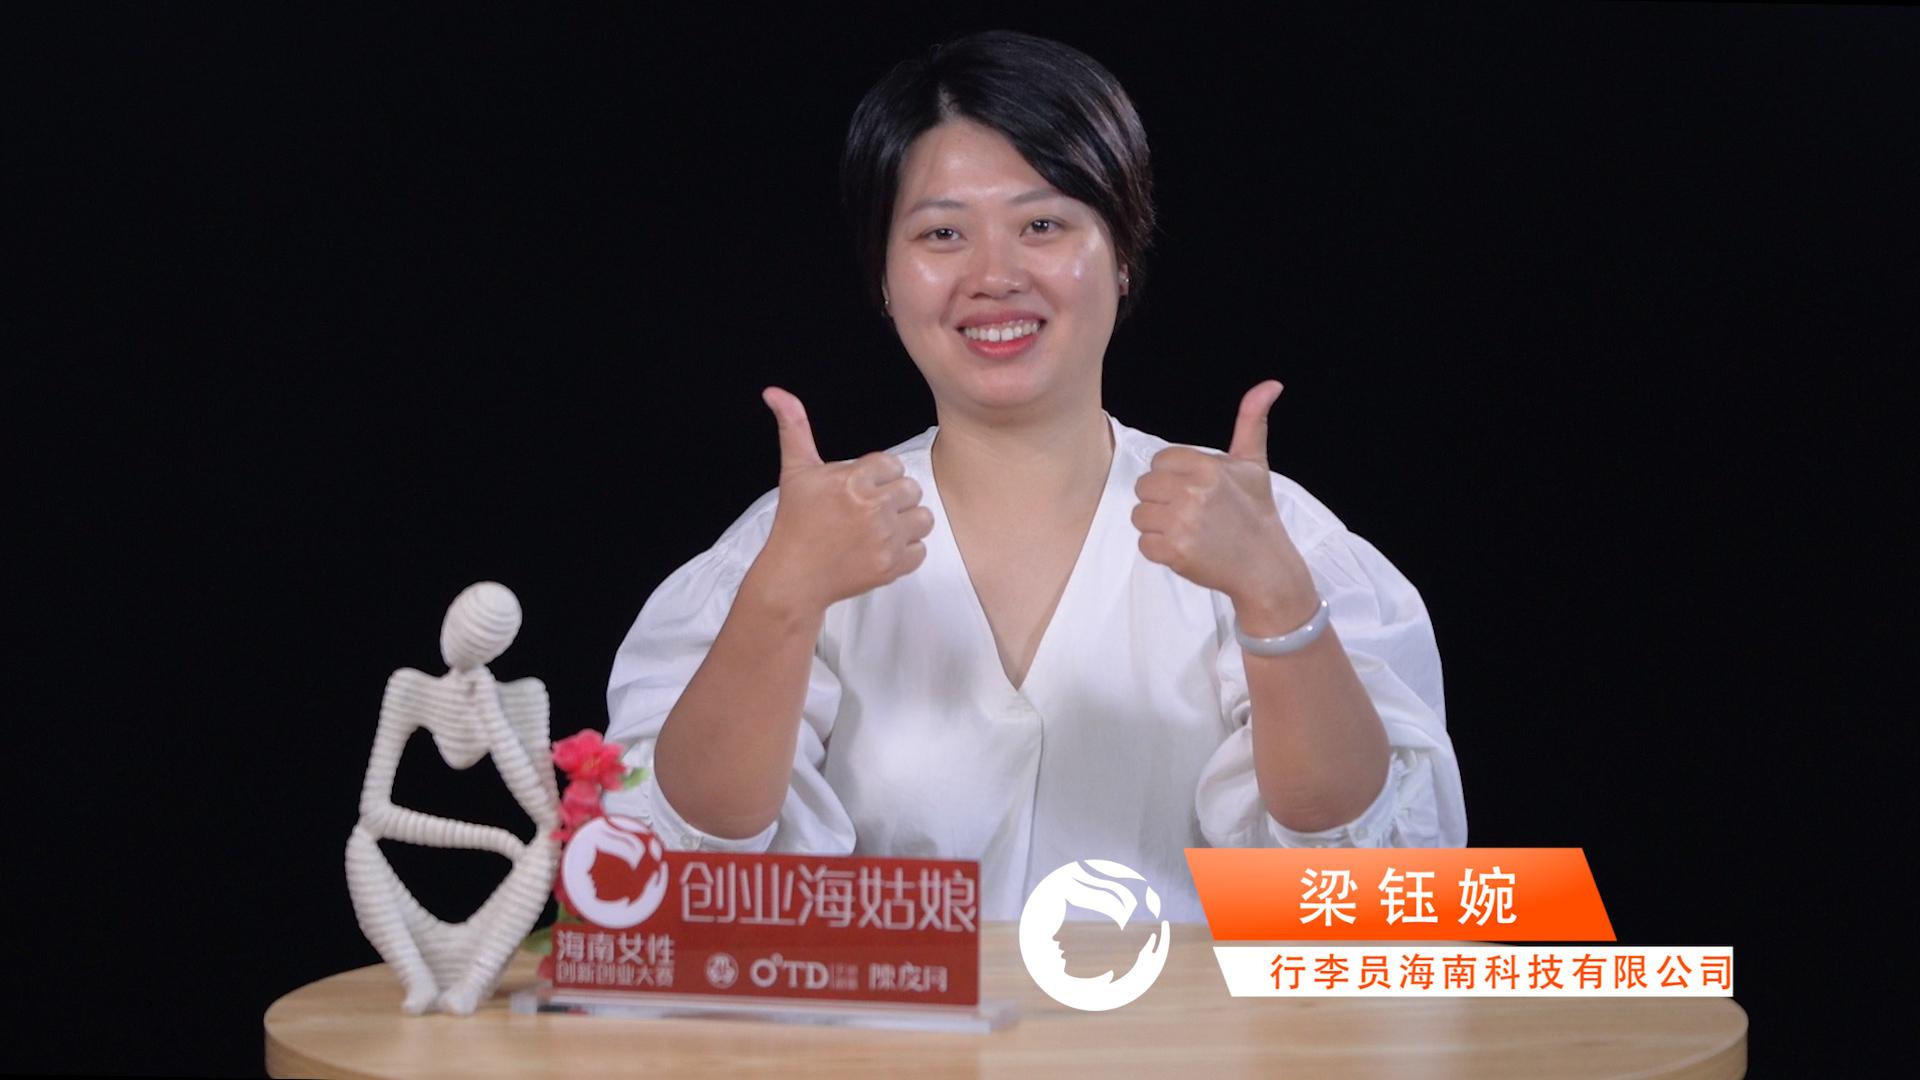 """创业海姑娘 行李员梁钰婉 打造""""无行李出游""""旅行生活新方式"""